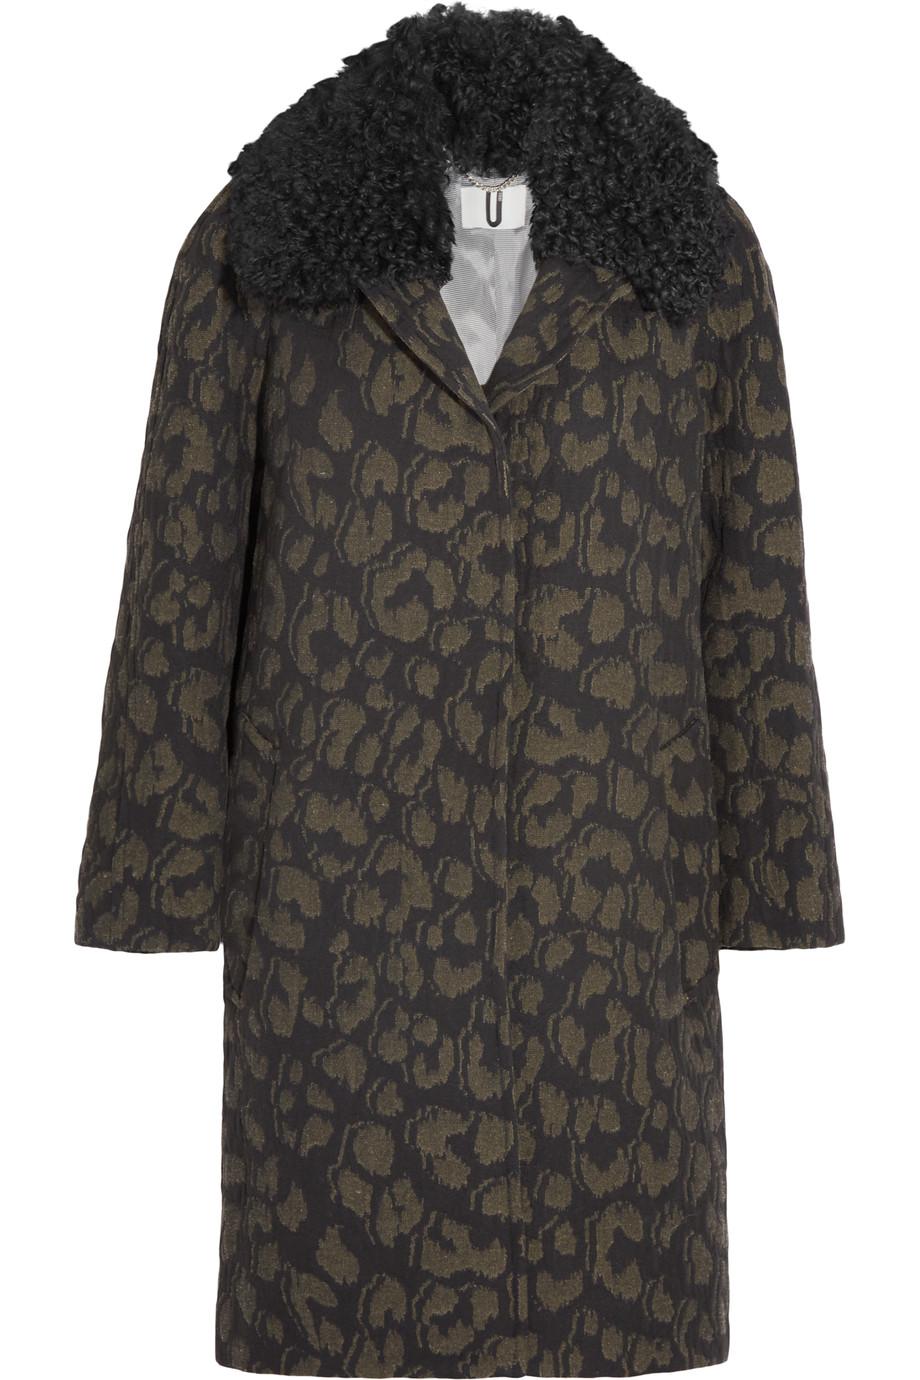 Topshop UNIQUE Sidgwick Coat , $750